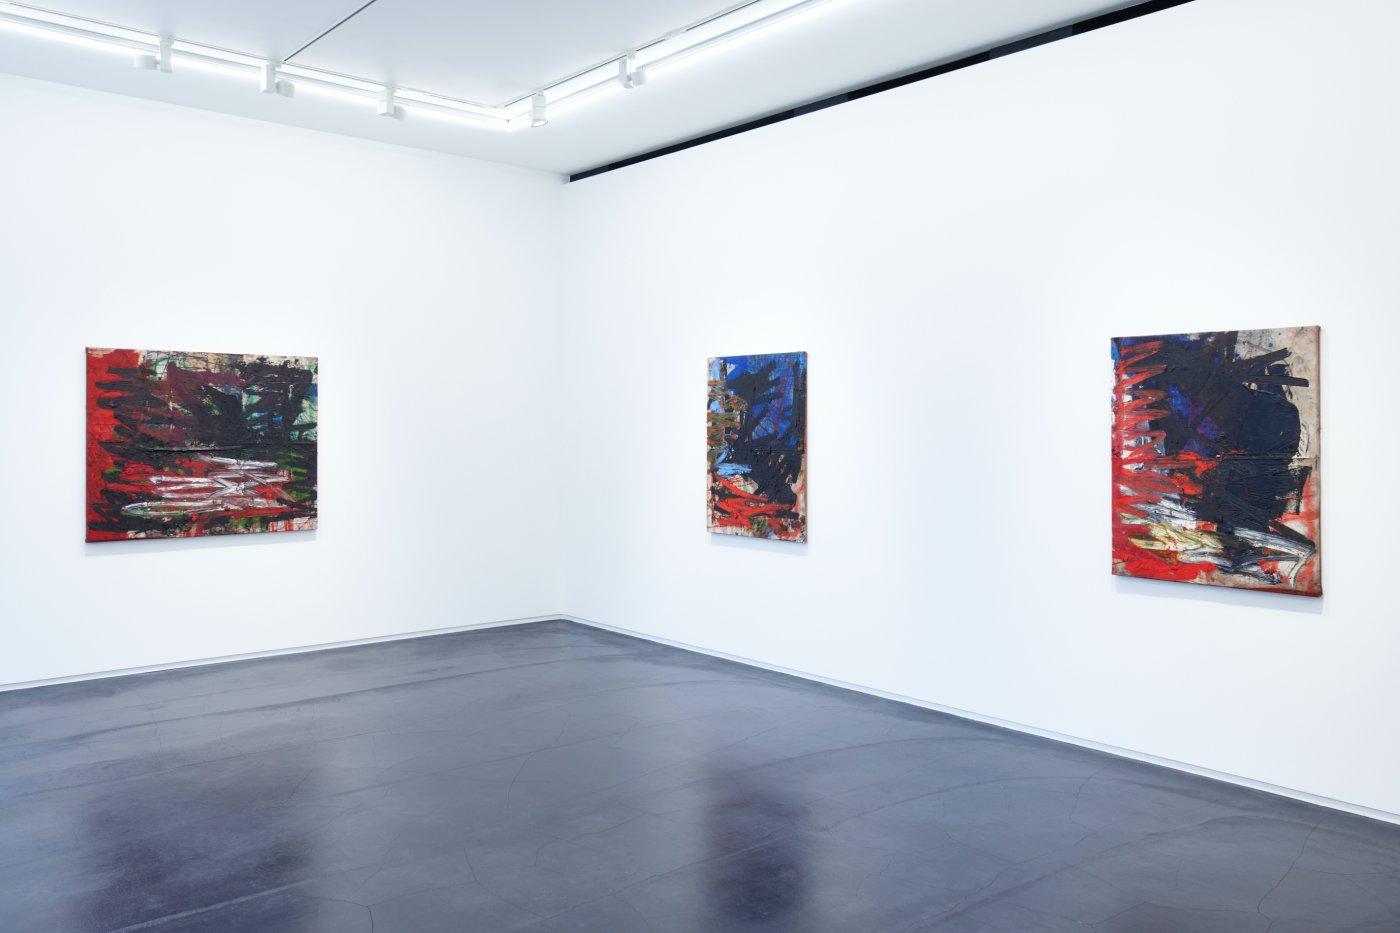 Taka Ishii Gallery Oscar Murillo 4